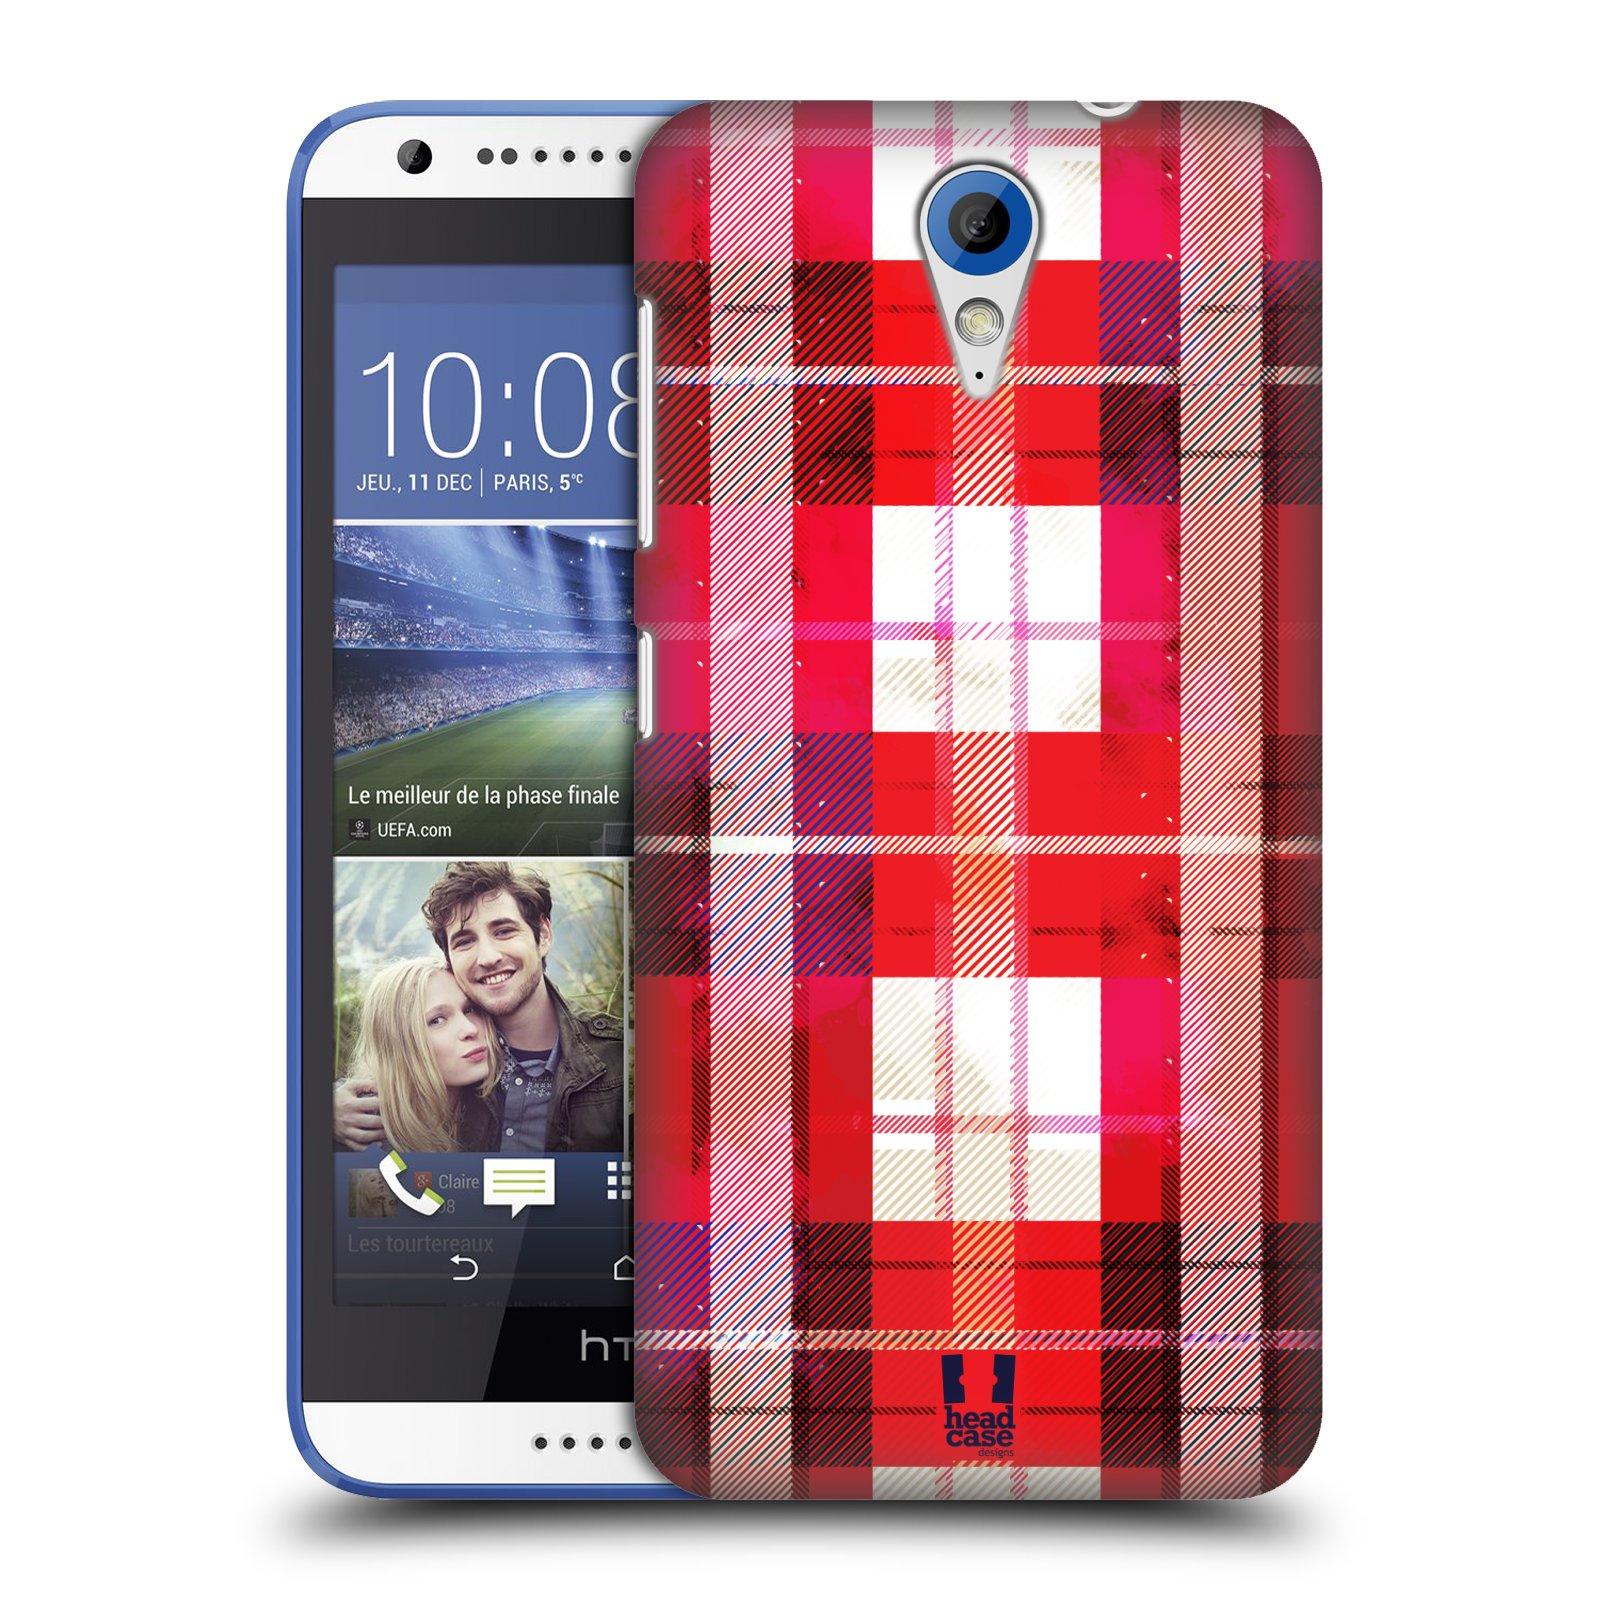 Plastové pouzdro na mobil HTC Desire 620 HEAD CASE FLANEL RED (Kryt či obal na mobilní telefon HTC Desire 620)